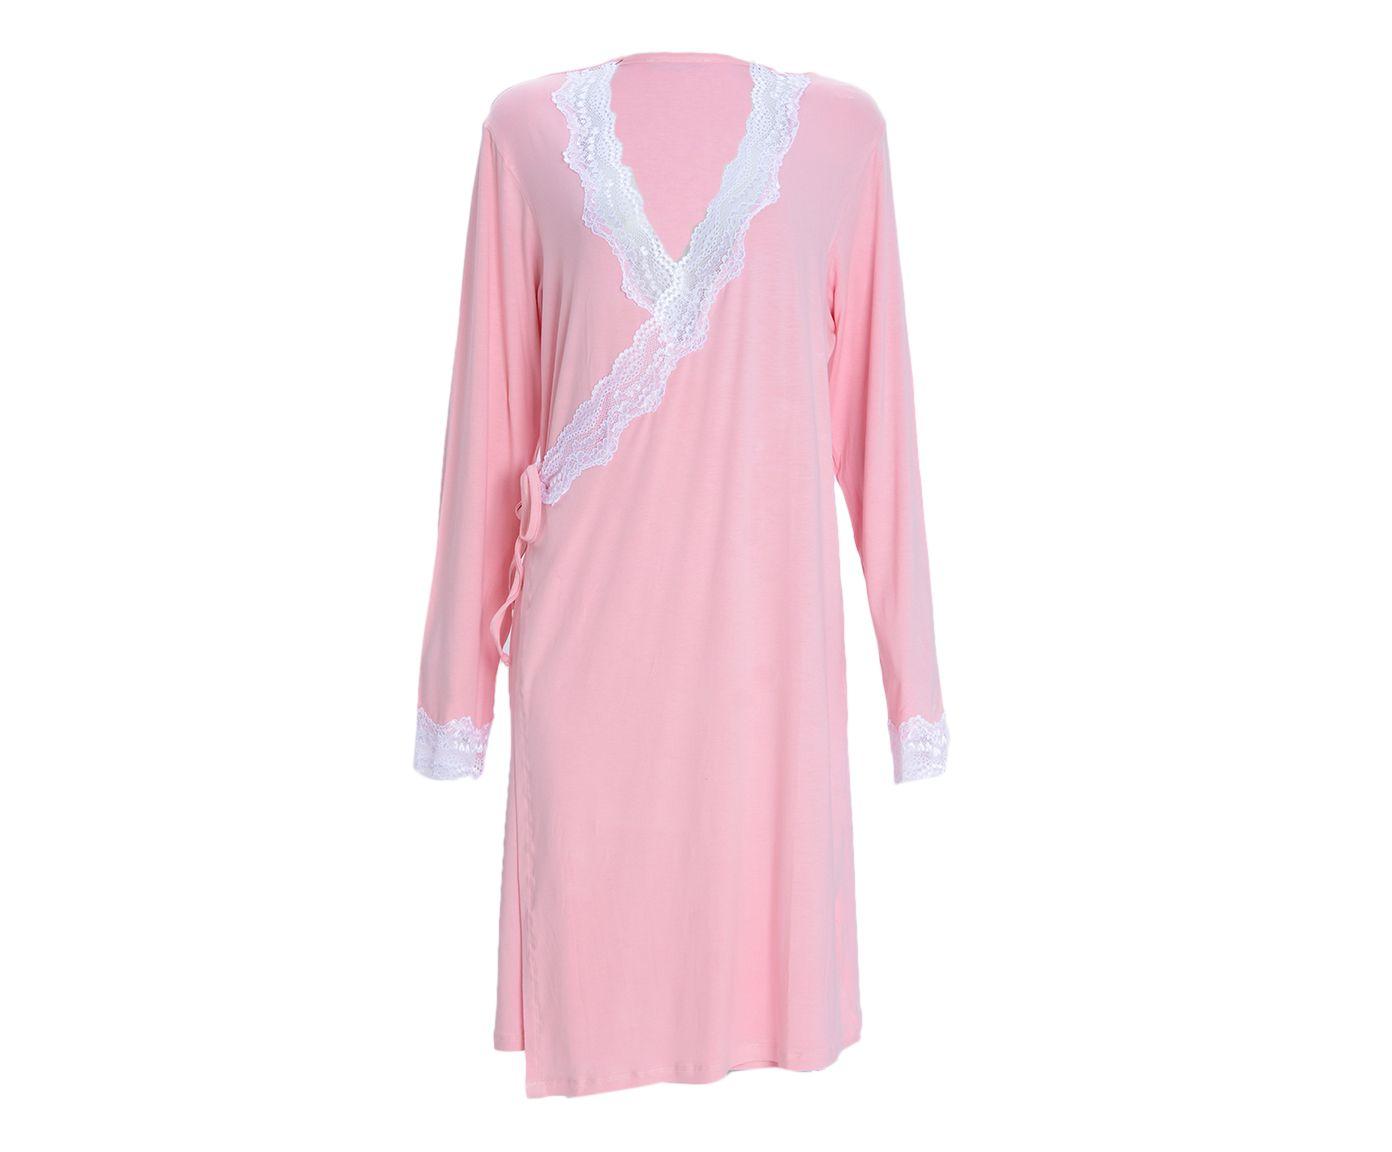 Robe Curto Transpassado Loi Rosa, Tamanho: GG   Westwing.com.br